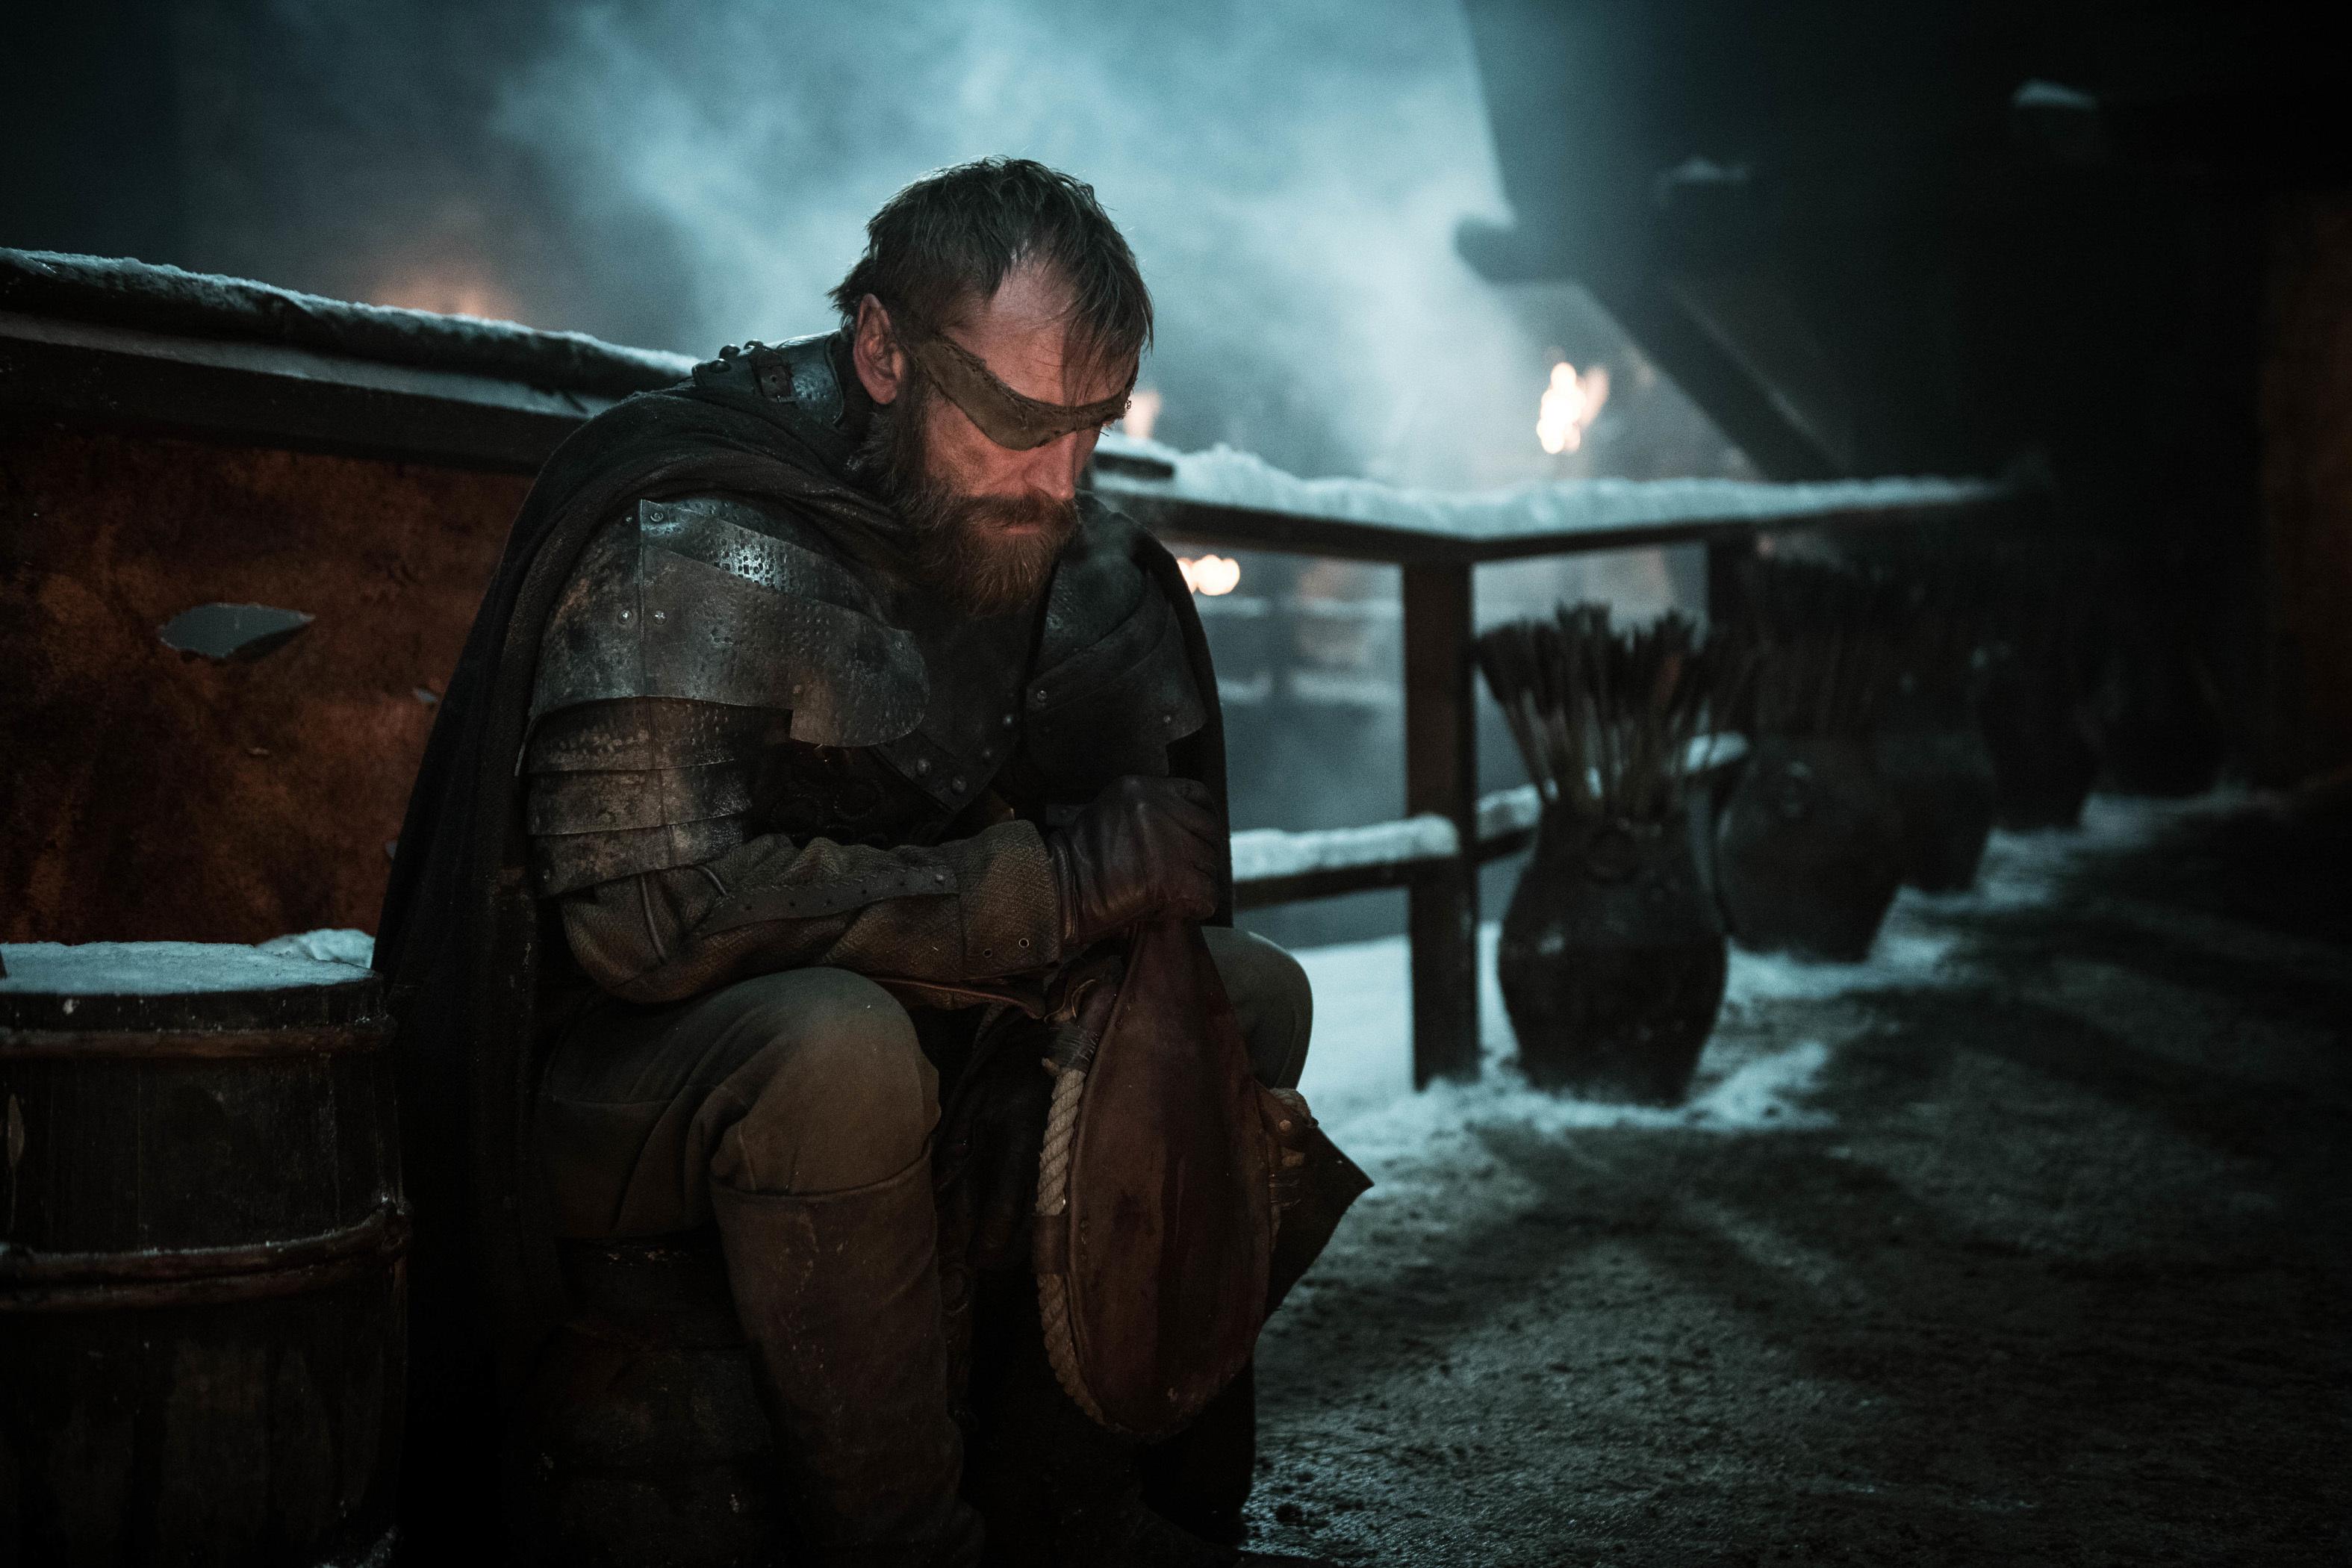 Richard Dormer as Beric Dondarrion.